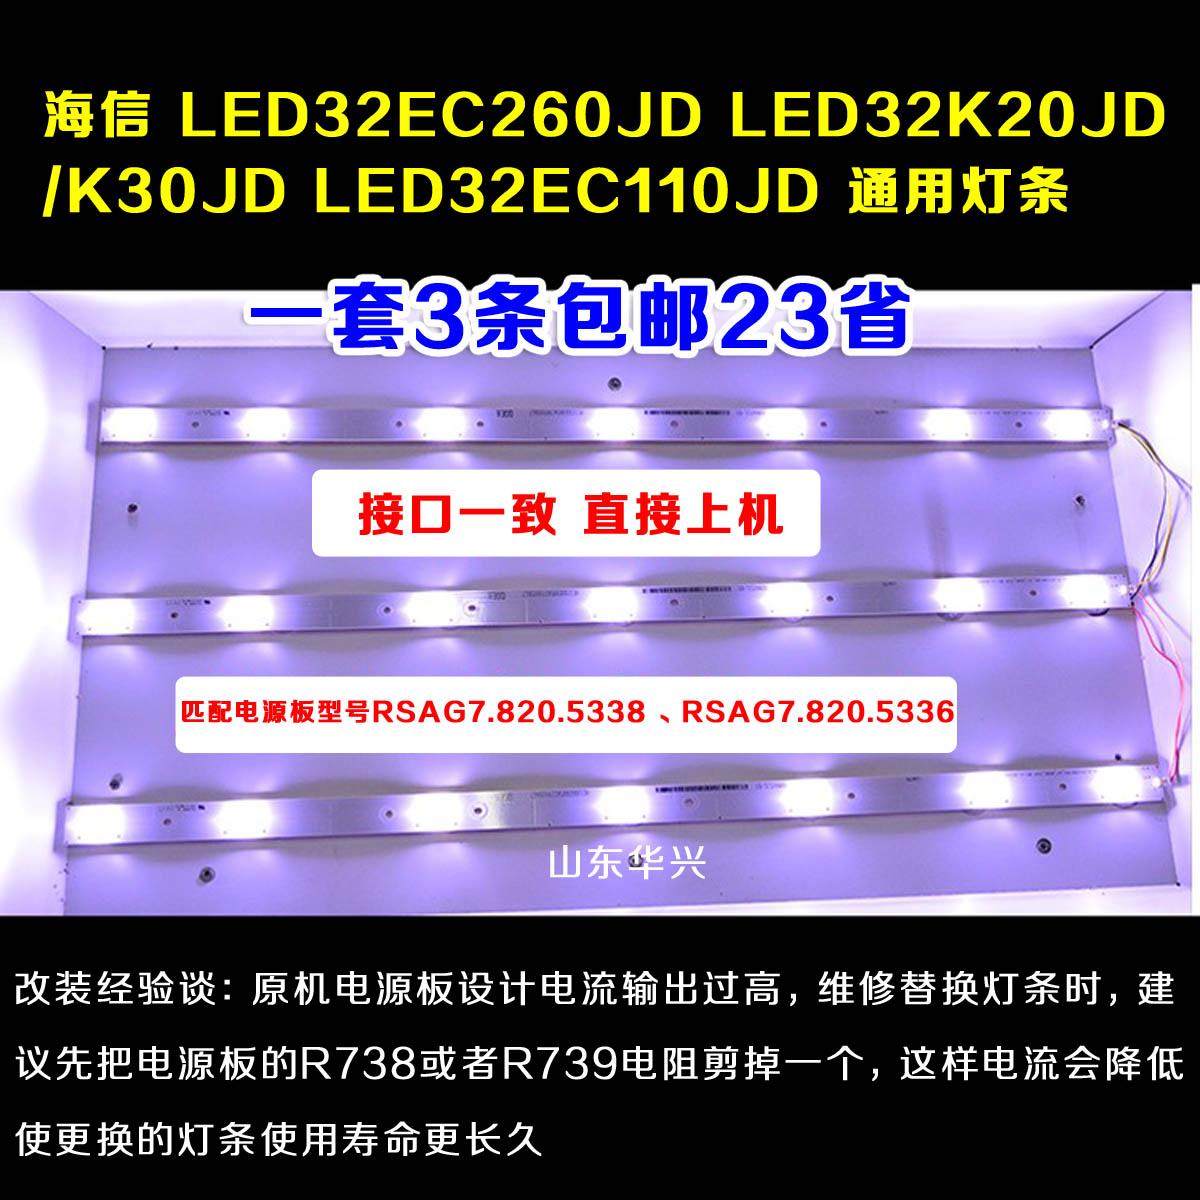 海信LED32EC260JD��l LED32K20JD LED32EC110JD通用��l包�]23省